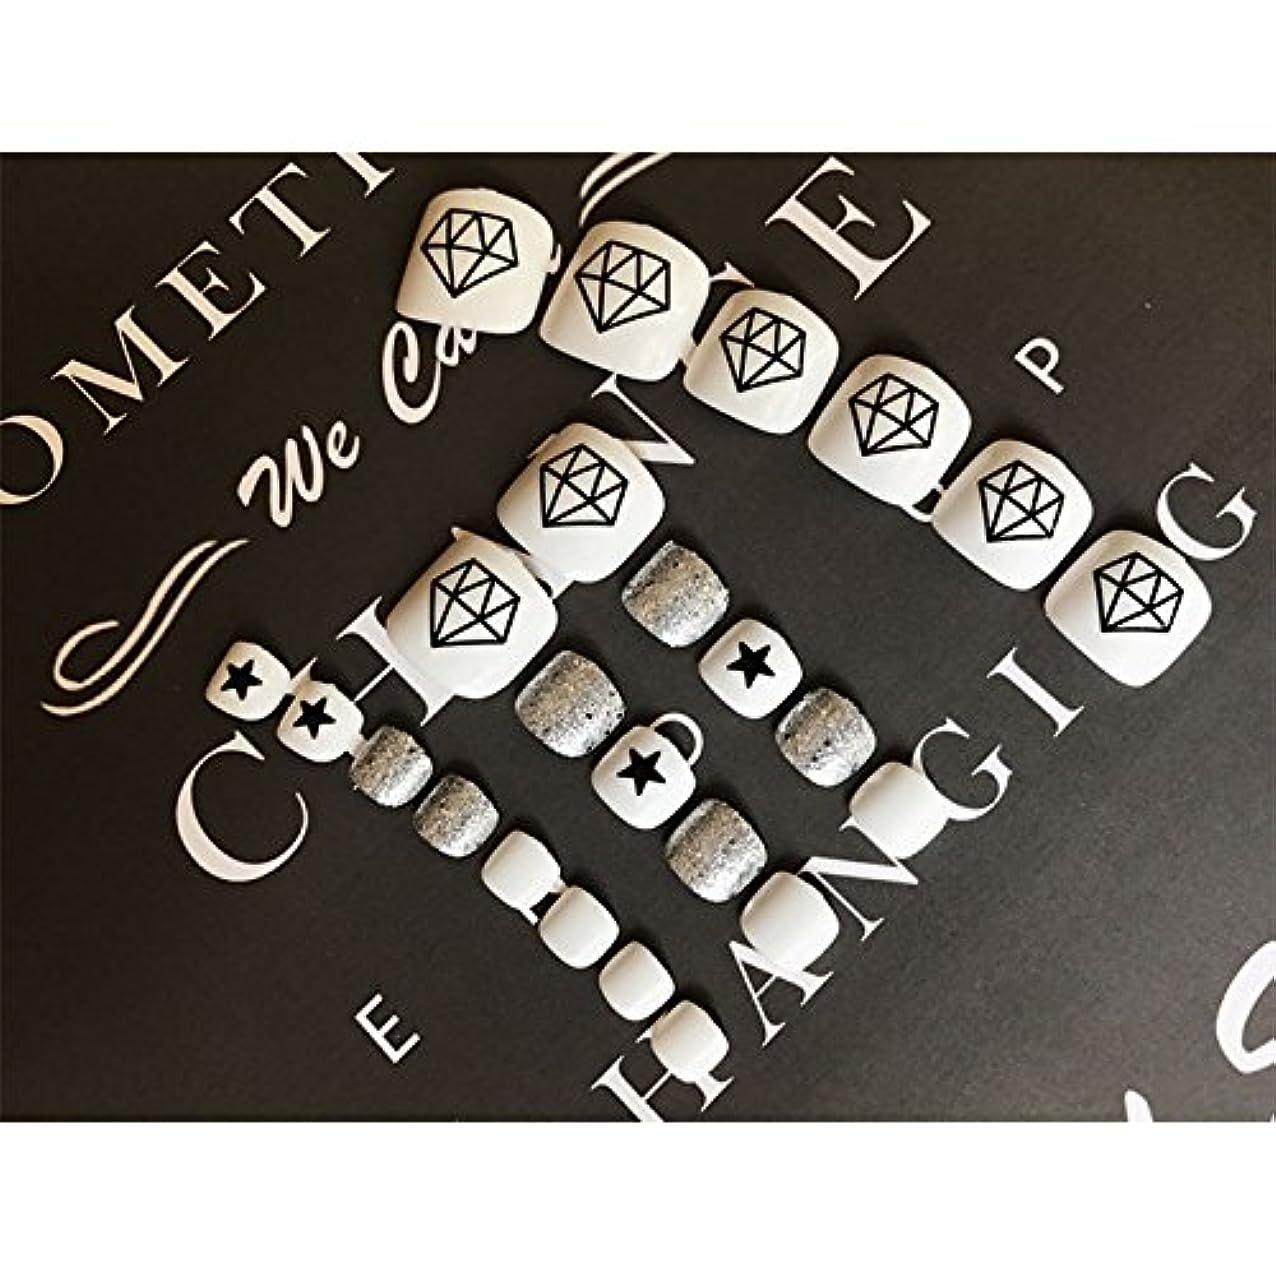 迷路チューリップ性的Liebeye 足用 ネイルチップ シンプル ファッション ステッカー キラキラ 幾何学 模様 24枚 ホワイト?ダイヤモンド